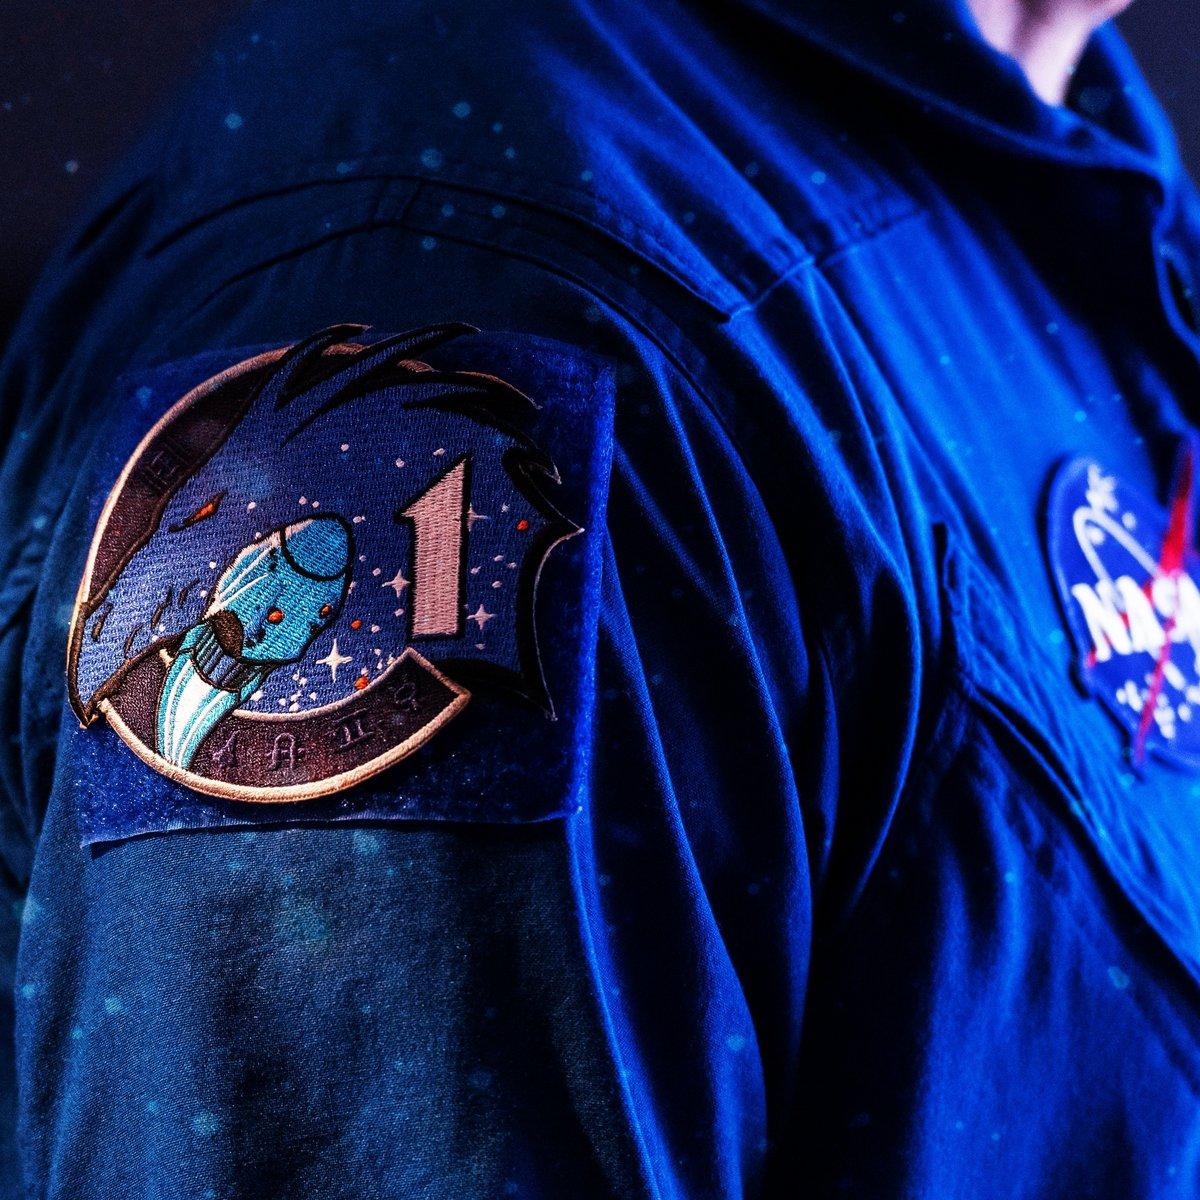 Crew-1 patch Crew Dragon NASA © NASA